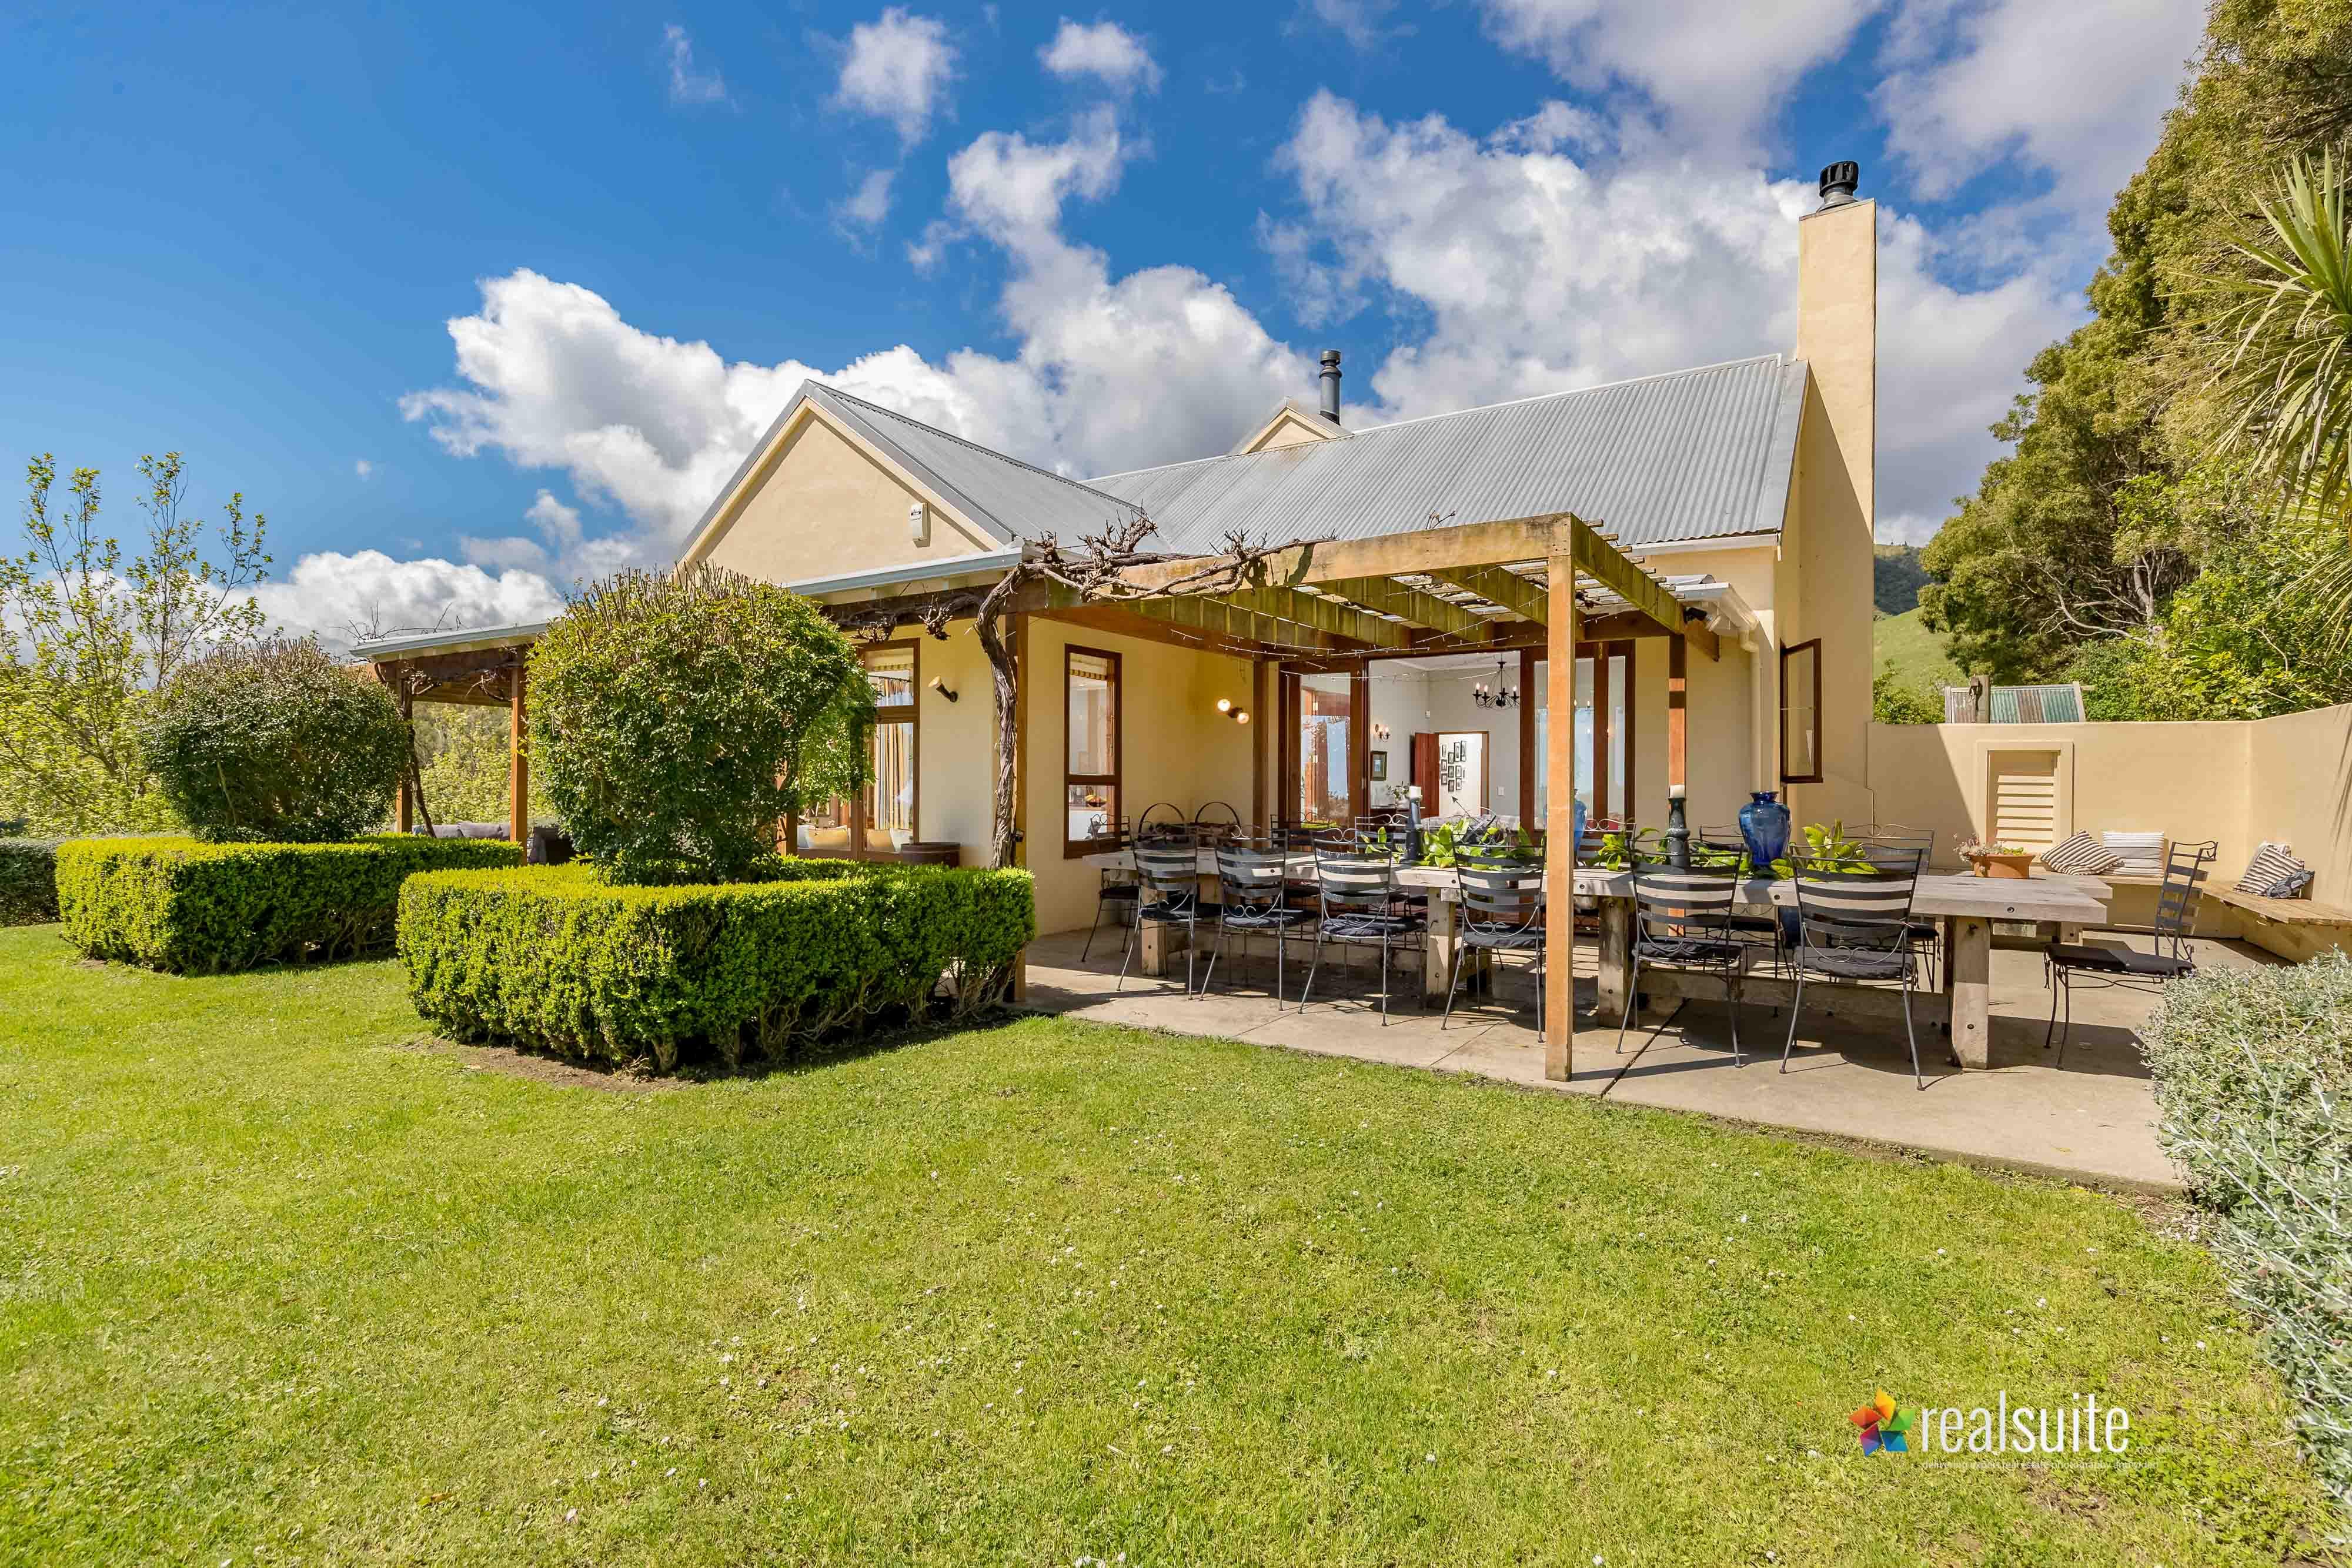 181 Settlement Road, Te Horo 8458 LightsON